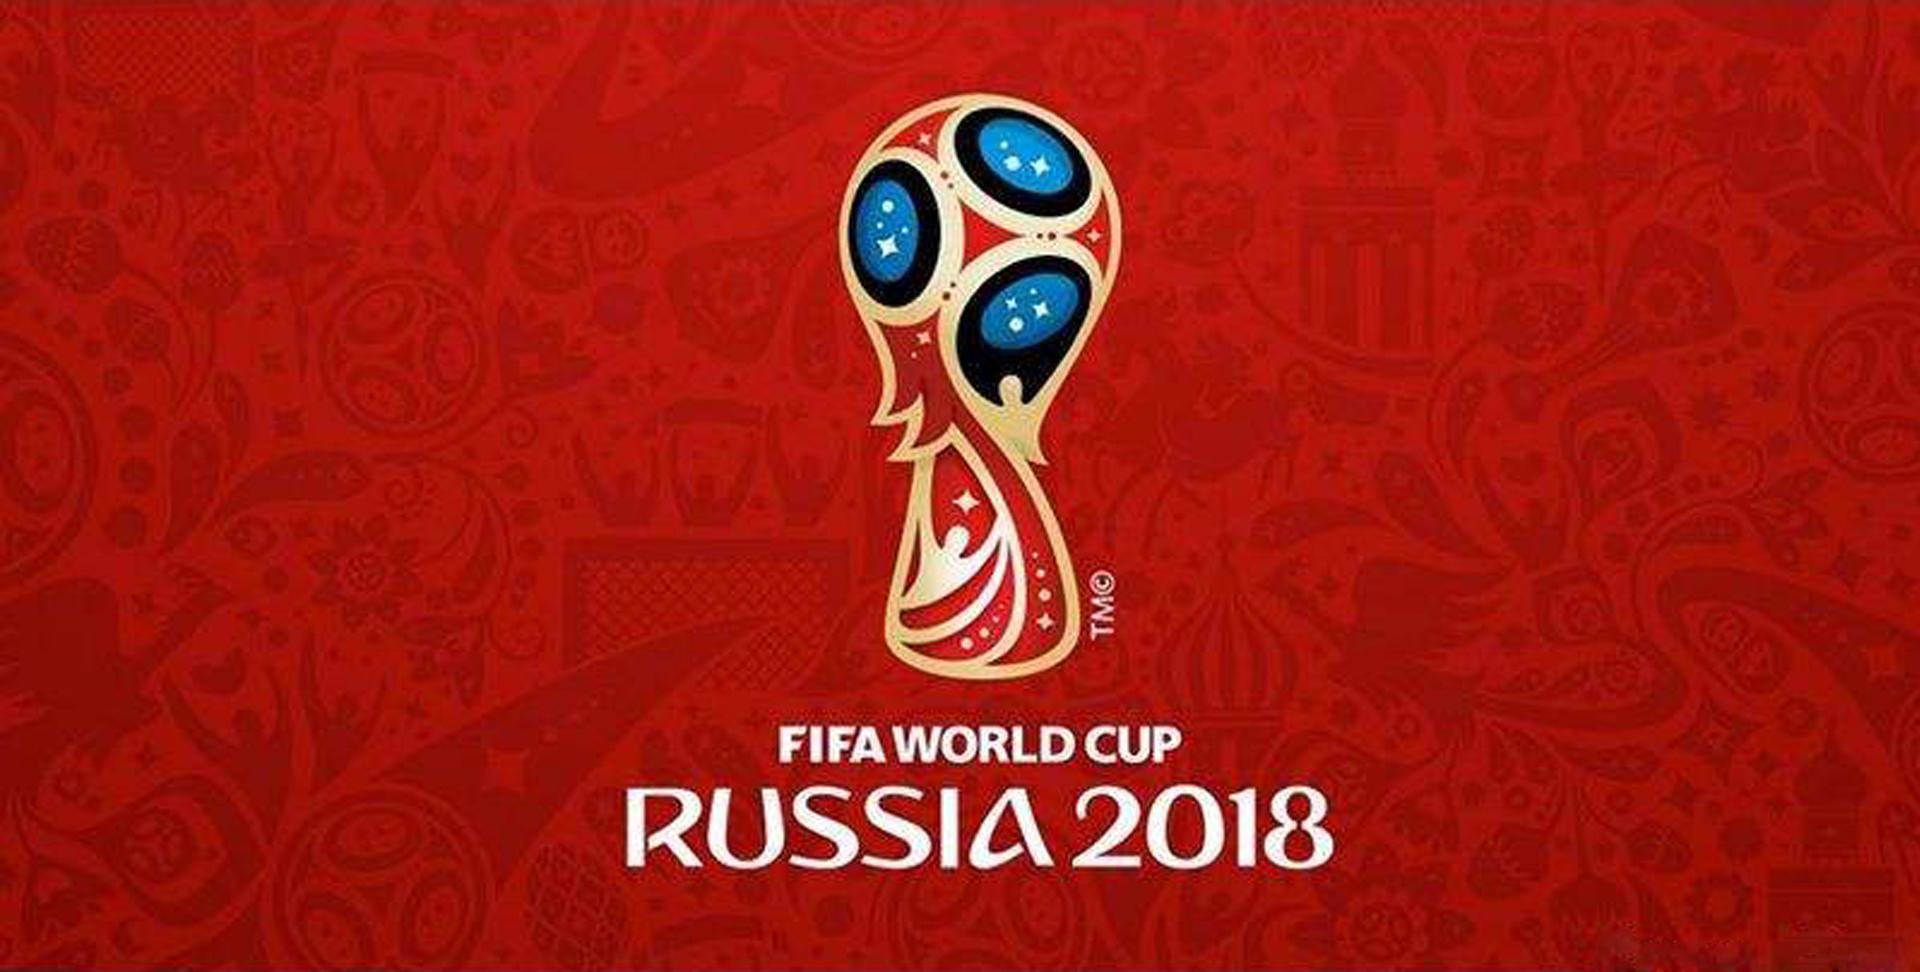 世界杯我们来了!鲁密世界杯之行,感受热闹气氛